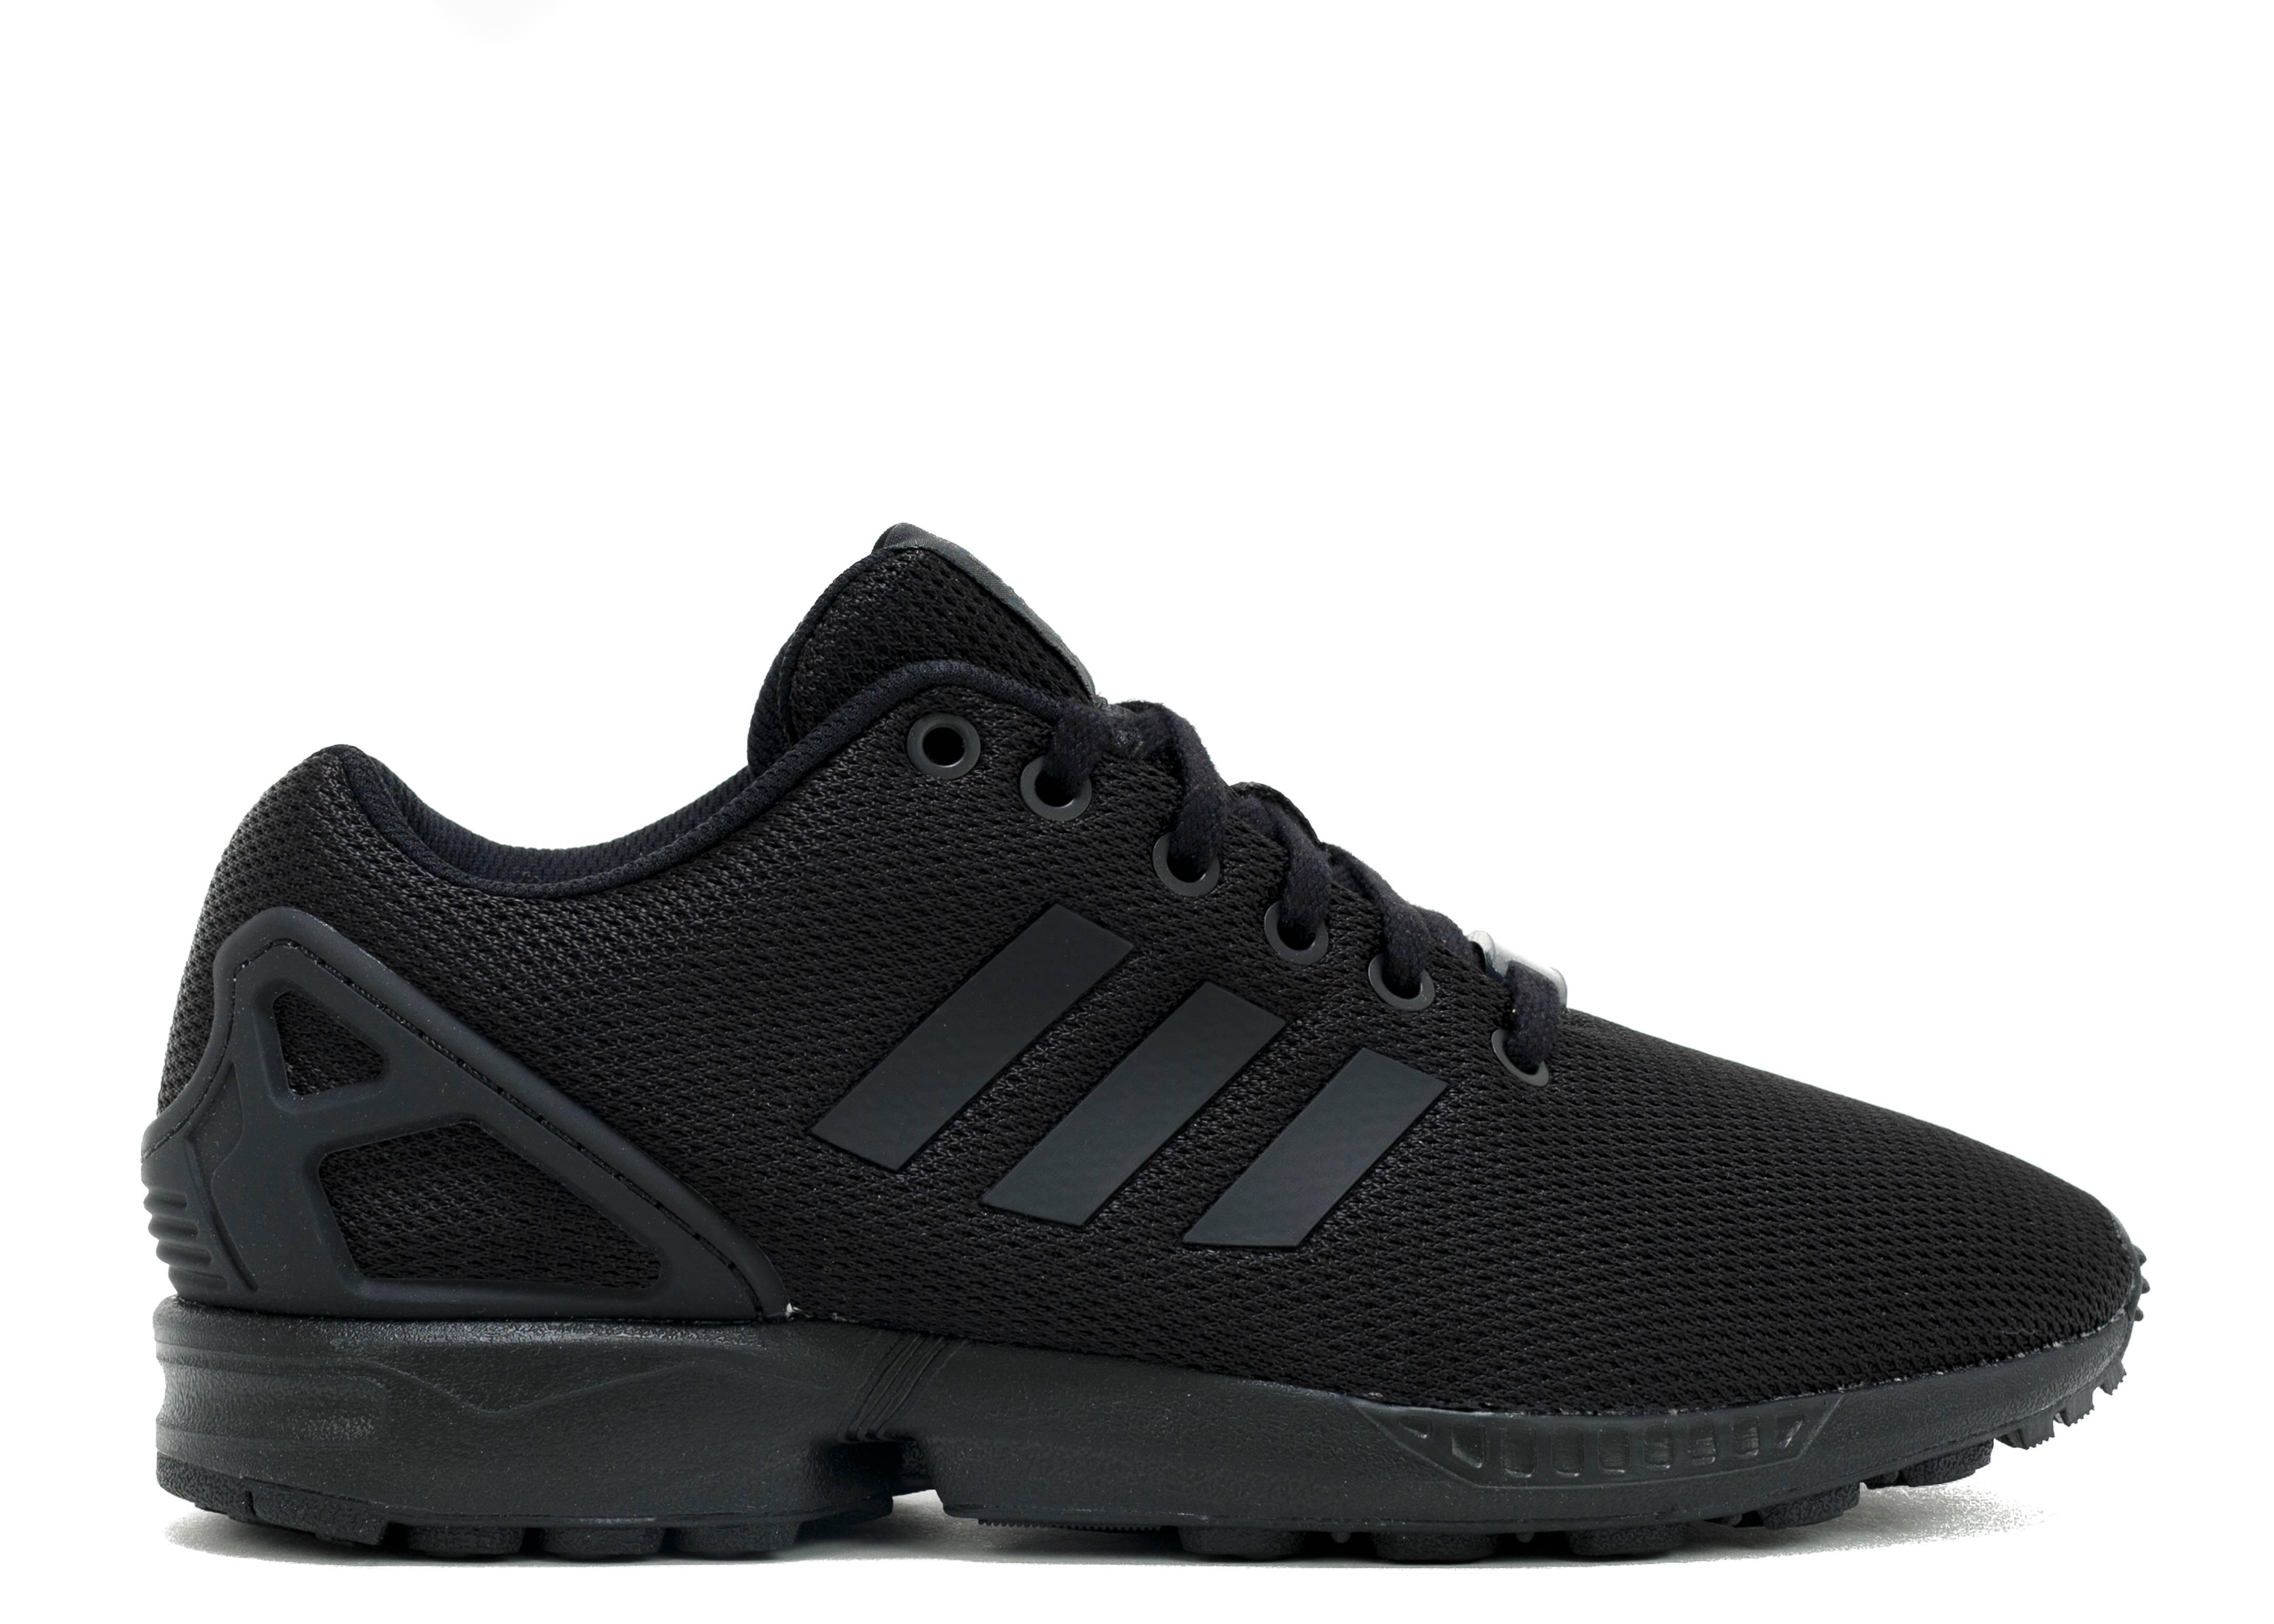 tani najlepsza obsługa moda australia adidas zx flux cblack c0450 faf22